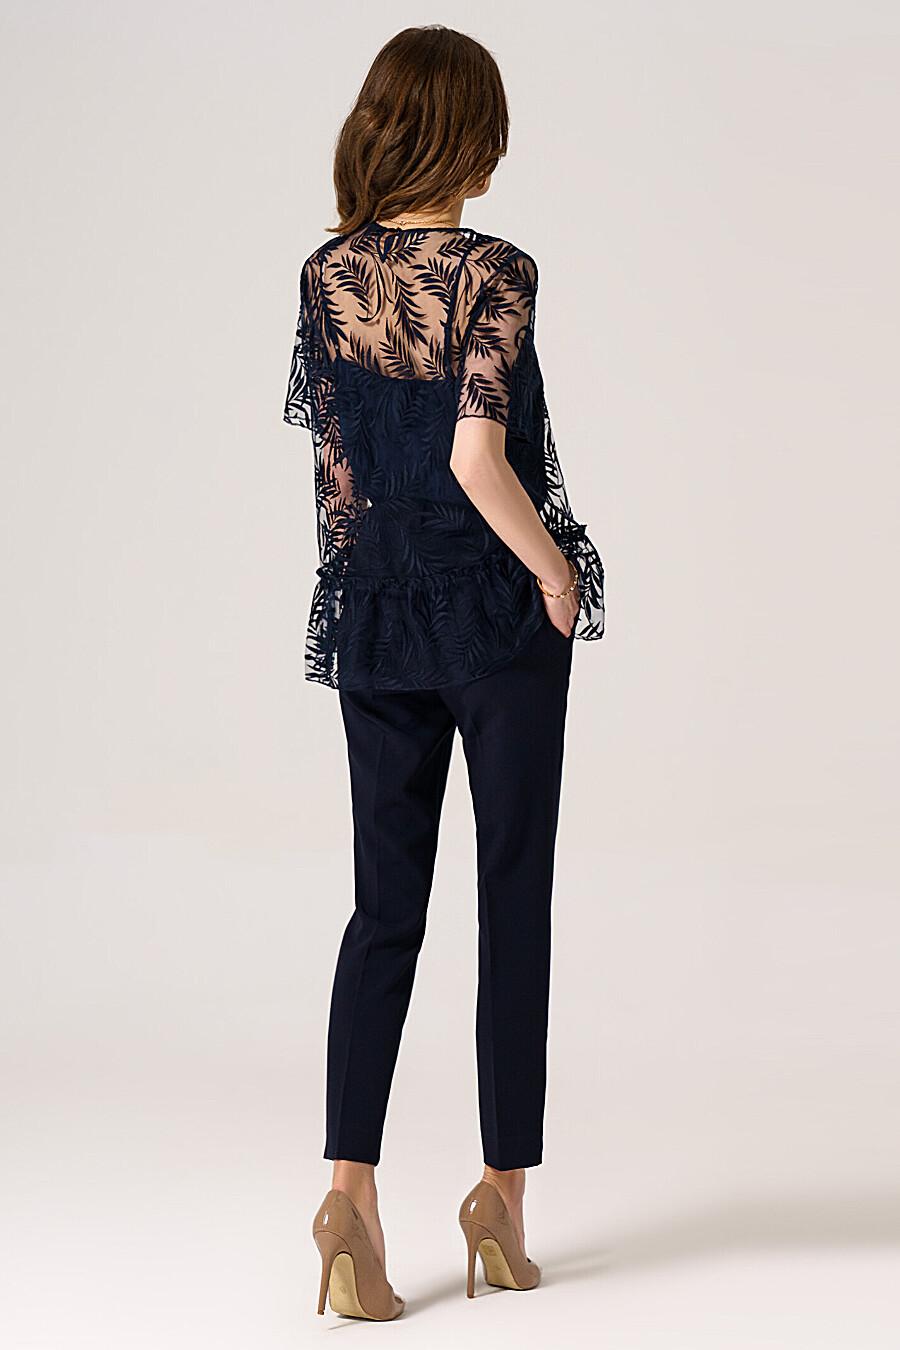 Комплект (Топ+Блуза) для женщин PANDA 700496 купить оптом от производителя. Совместная покупка женской одежды в OptMoyo